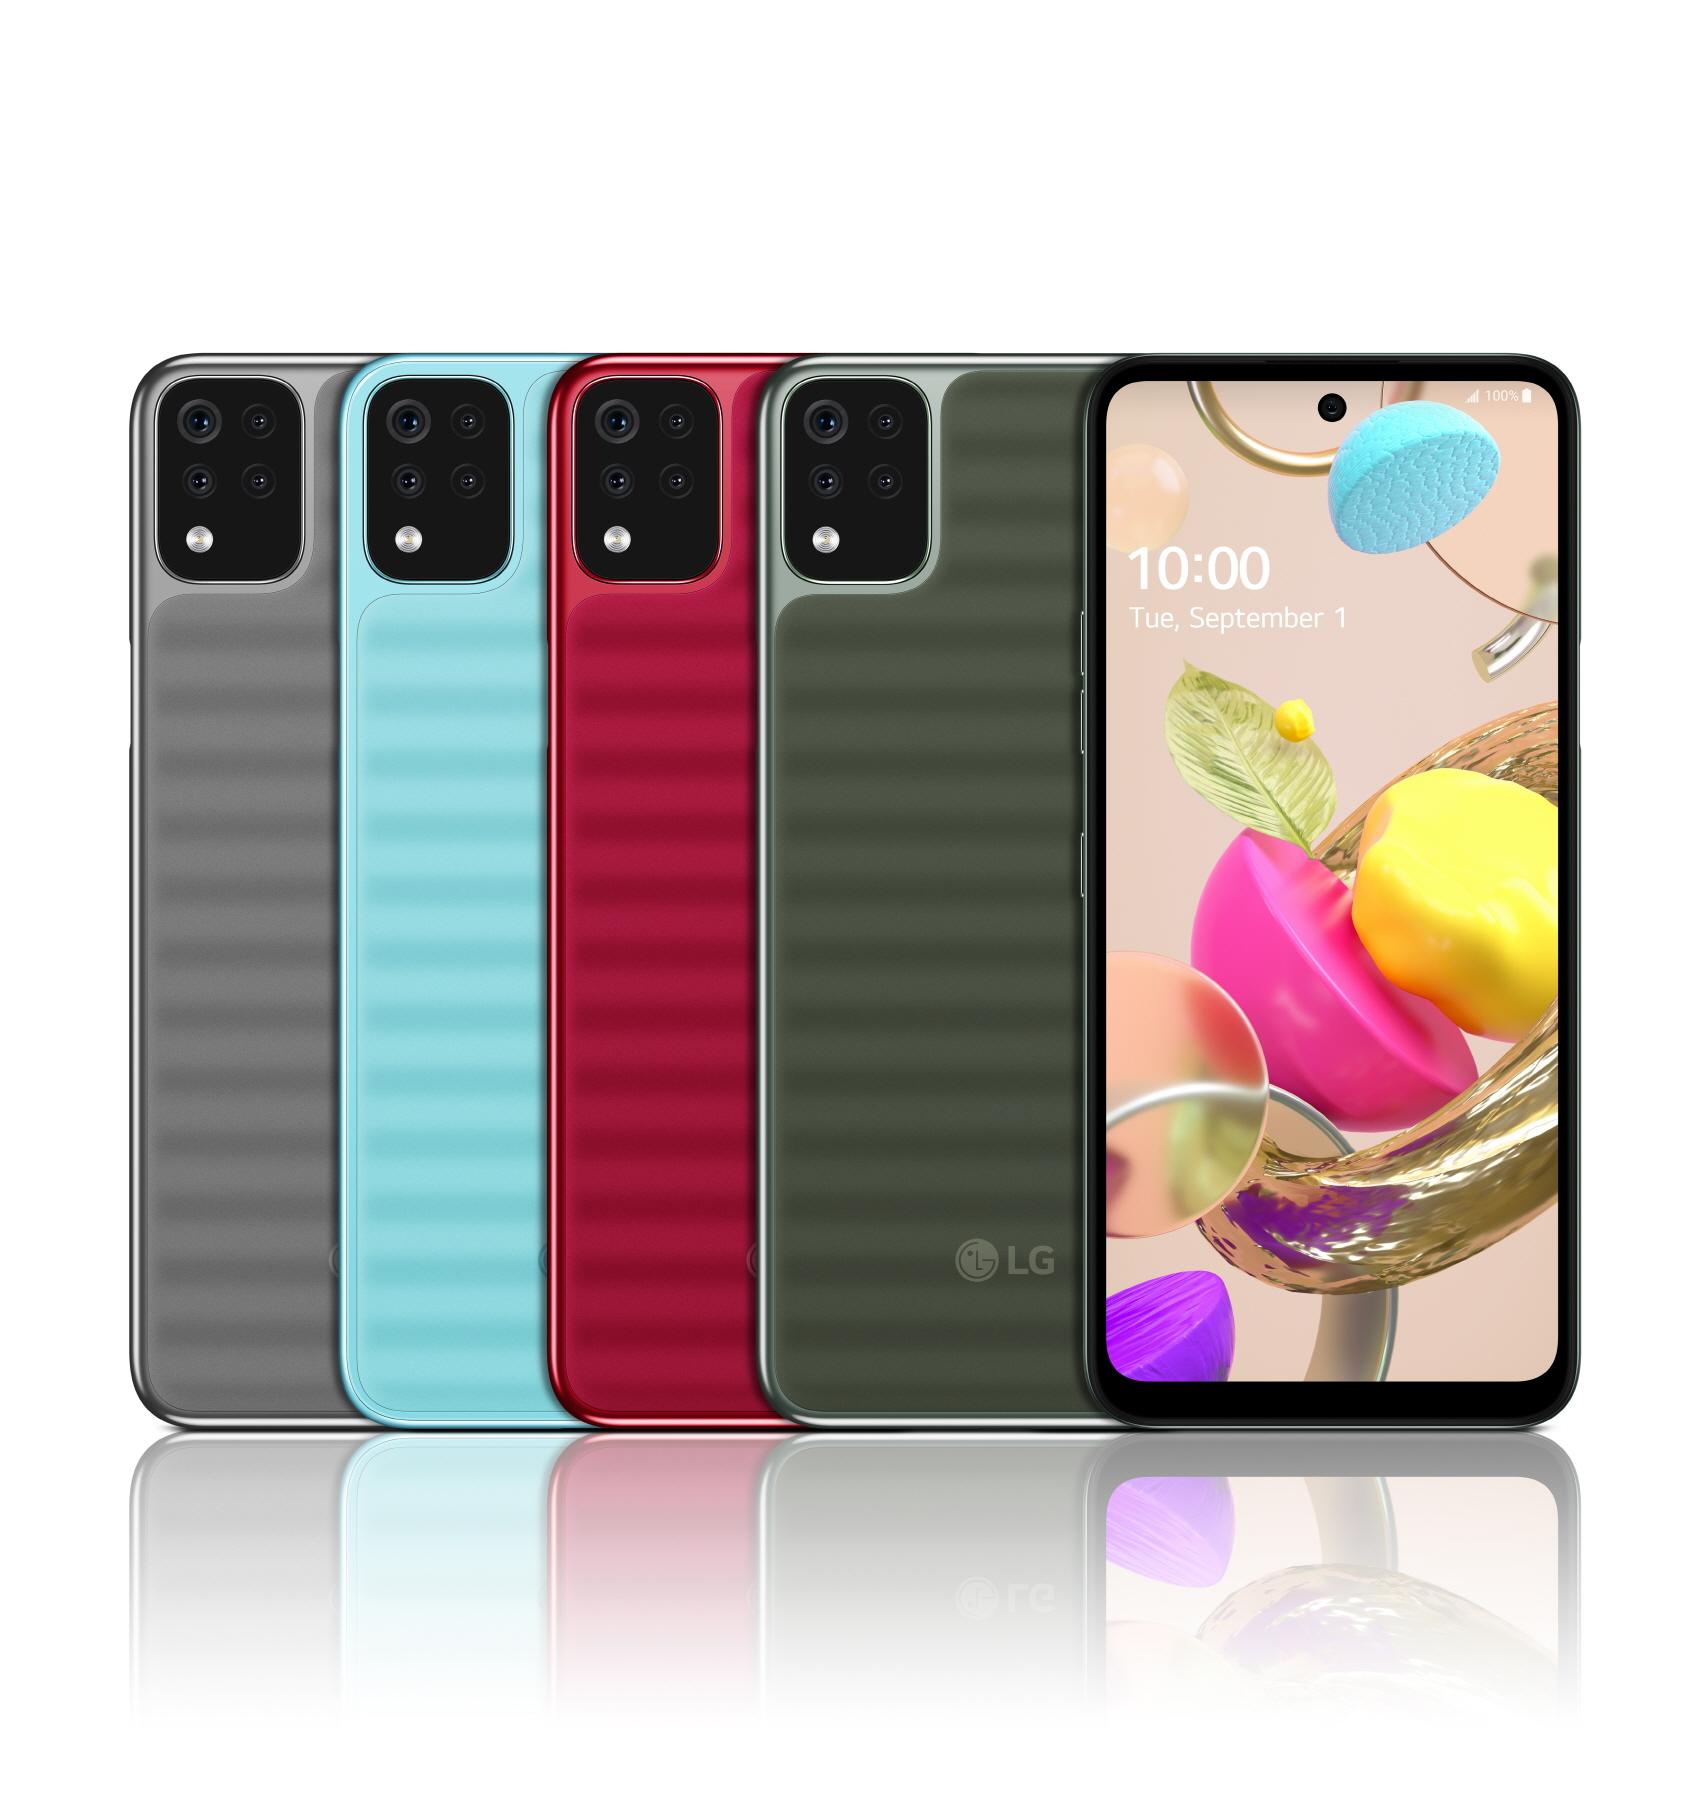 Smartphone da 100 a 200 euro: LG lancia due modelli della serie K